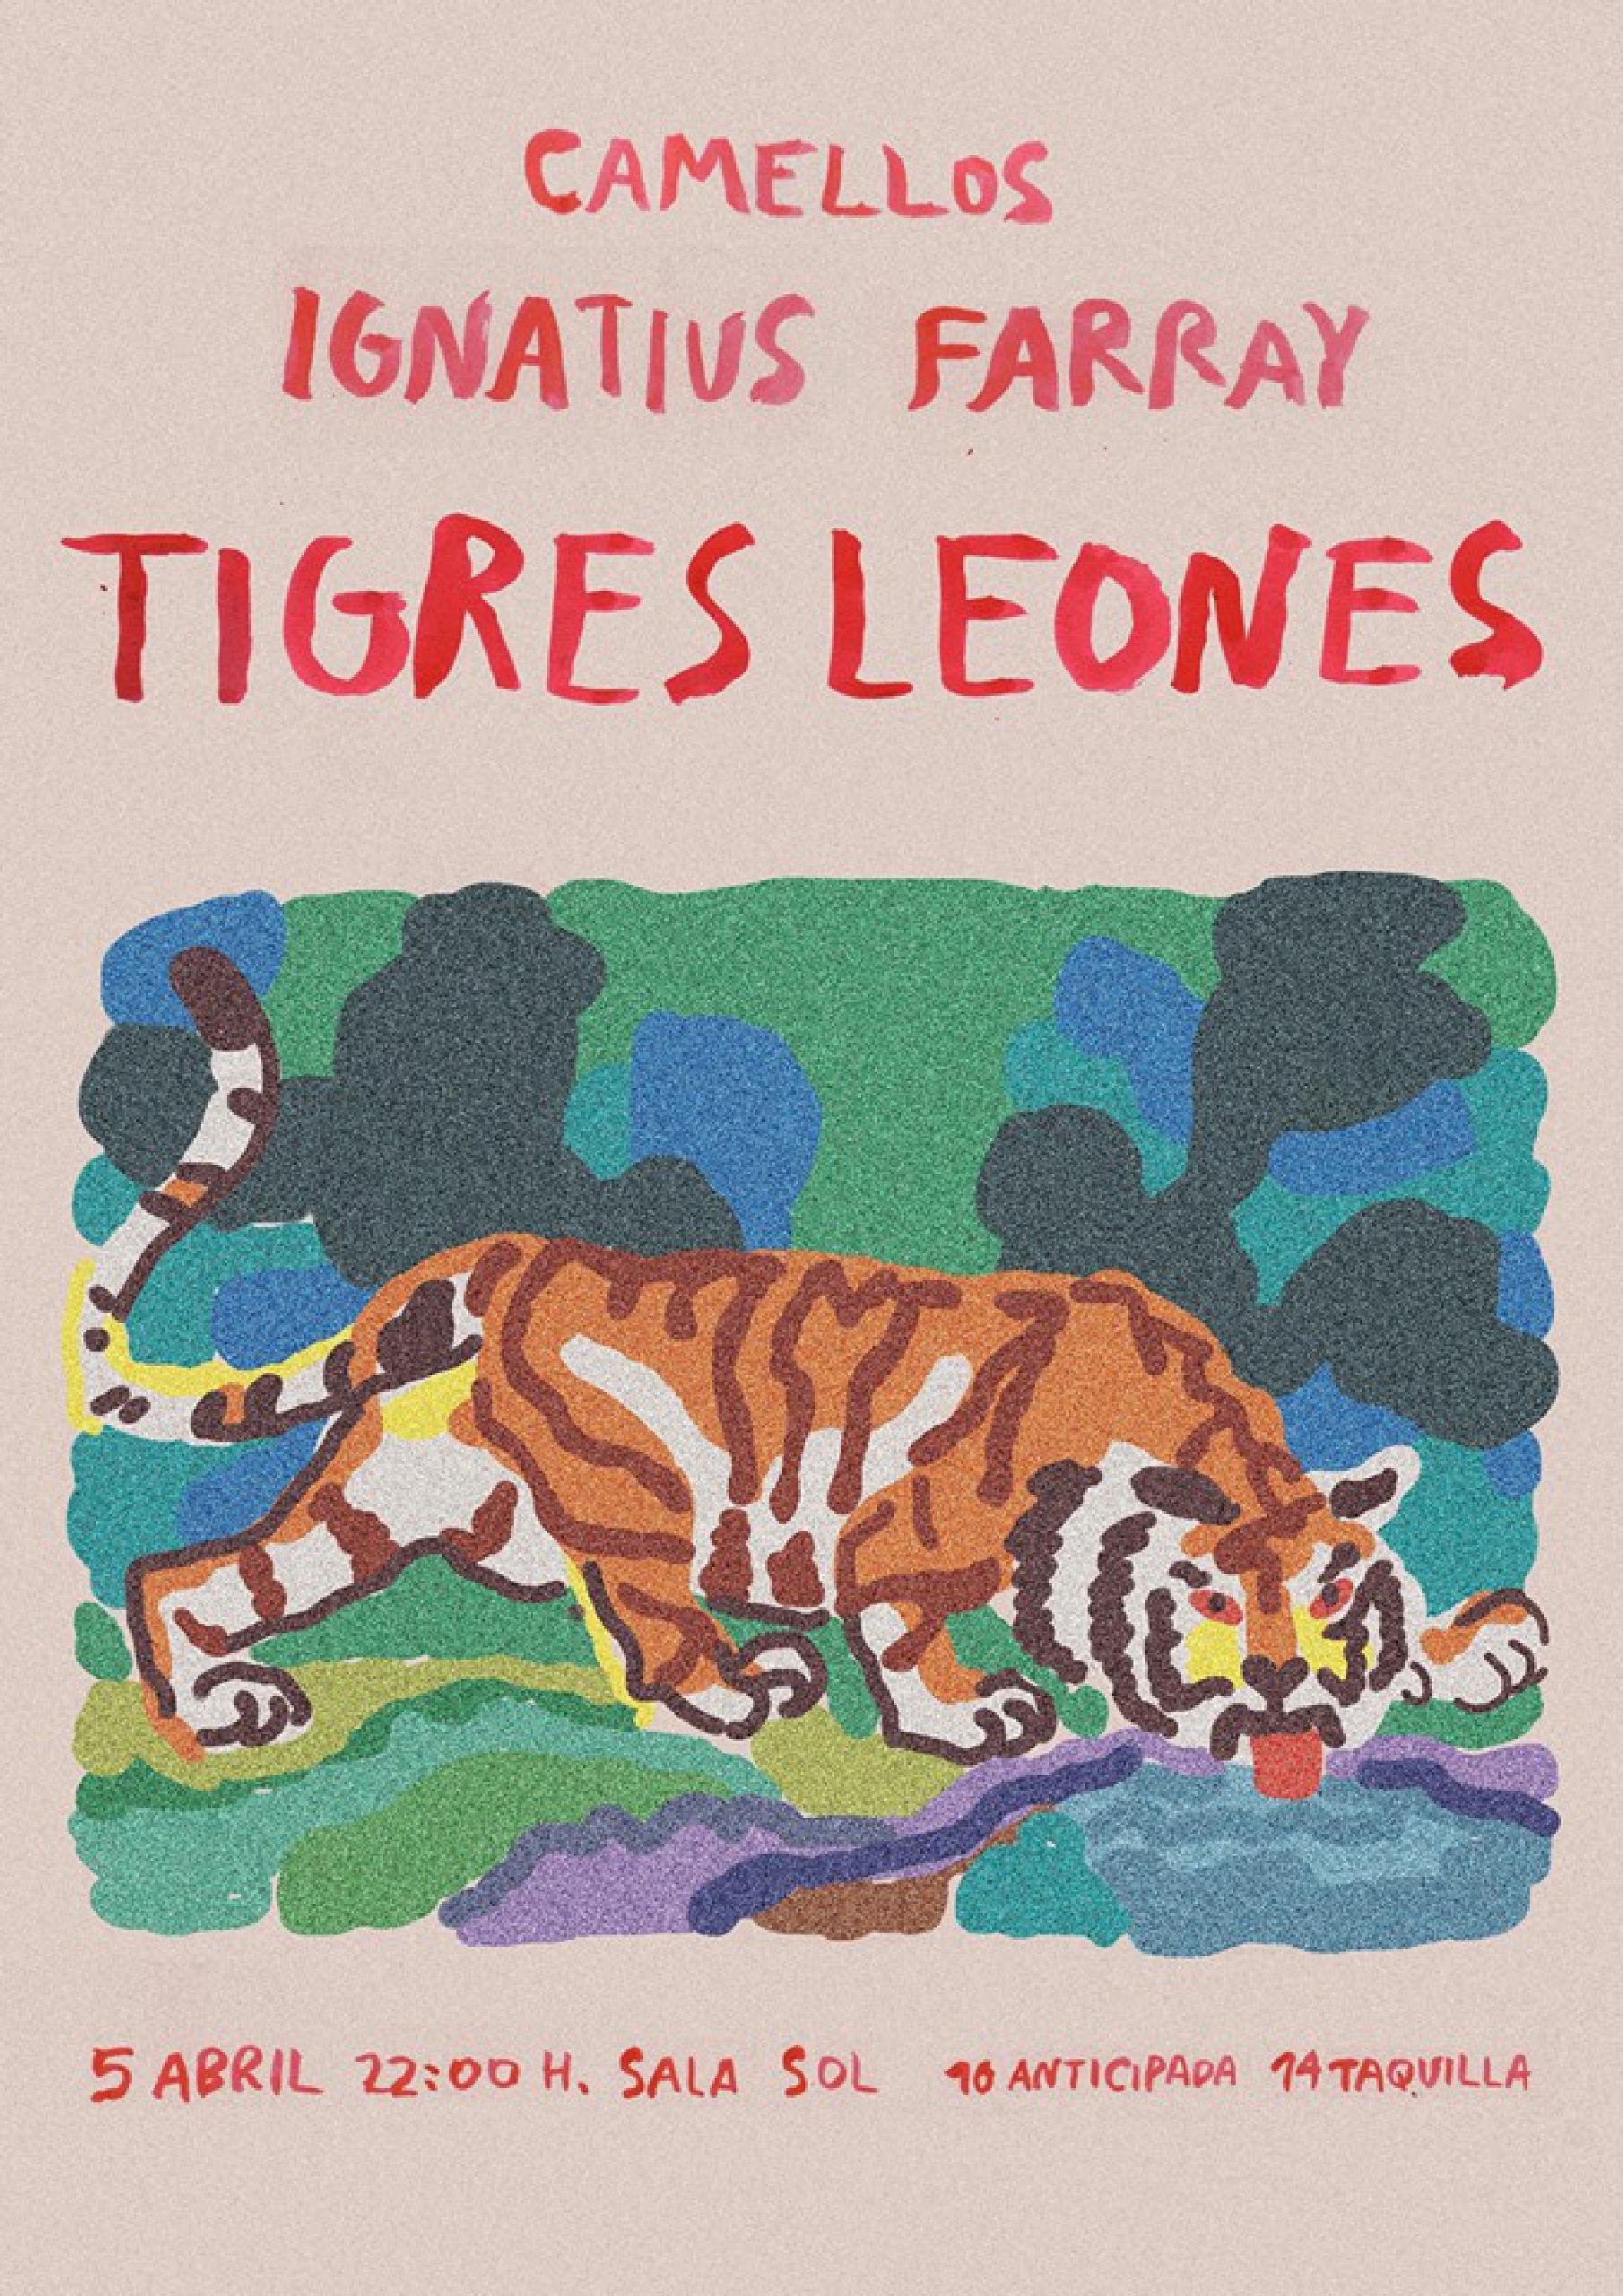 Cartel Tigres Leones, Ignatius Farray, Camello